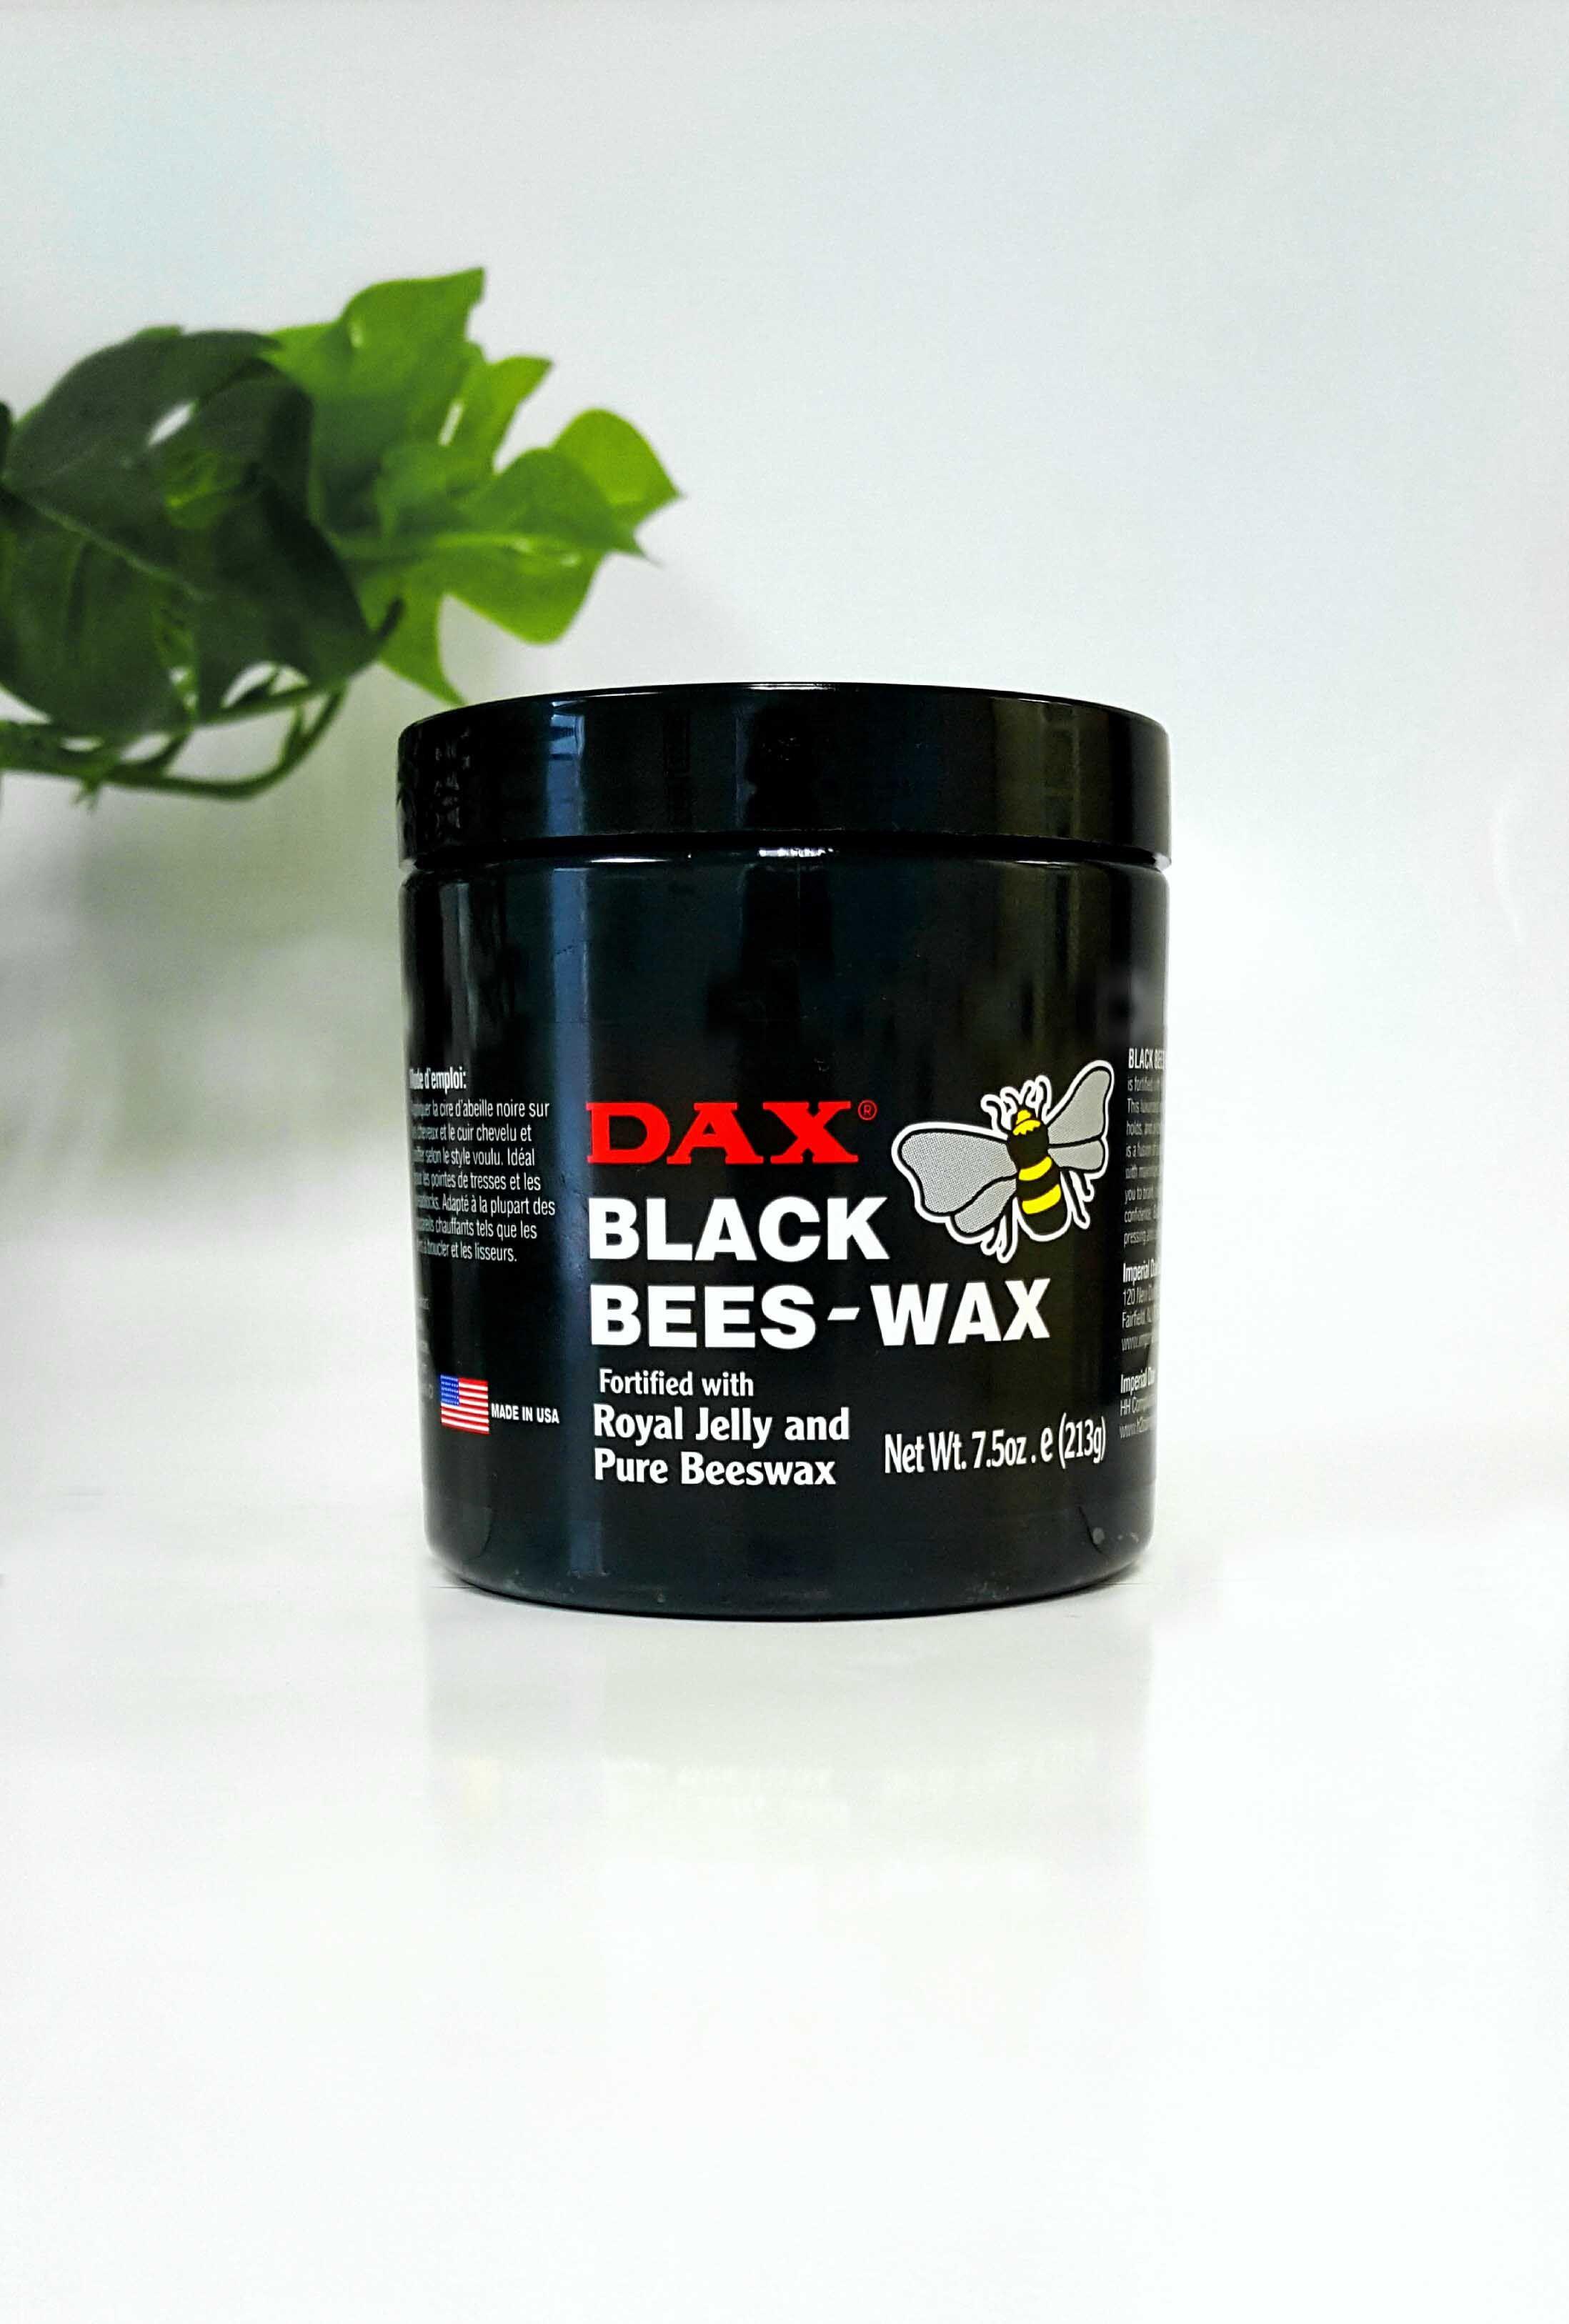 Dax Black Bees Wax Dax Hair Care Natural Hair Styles Bees Wax Hair Styles